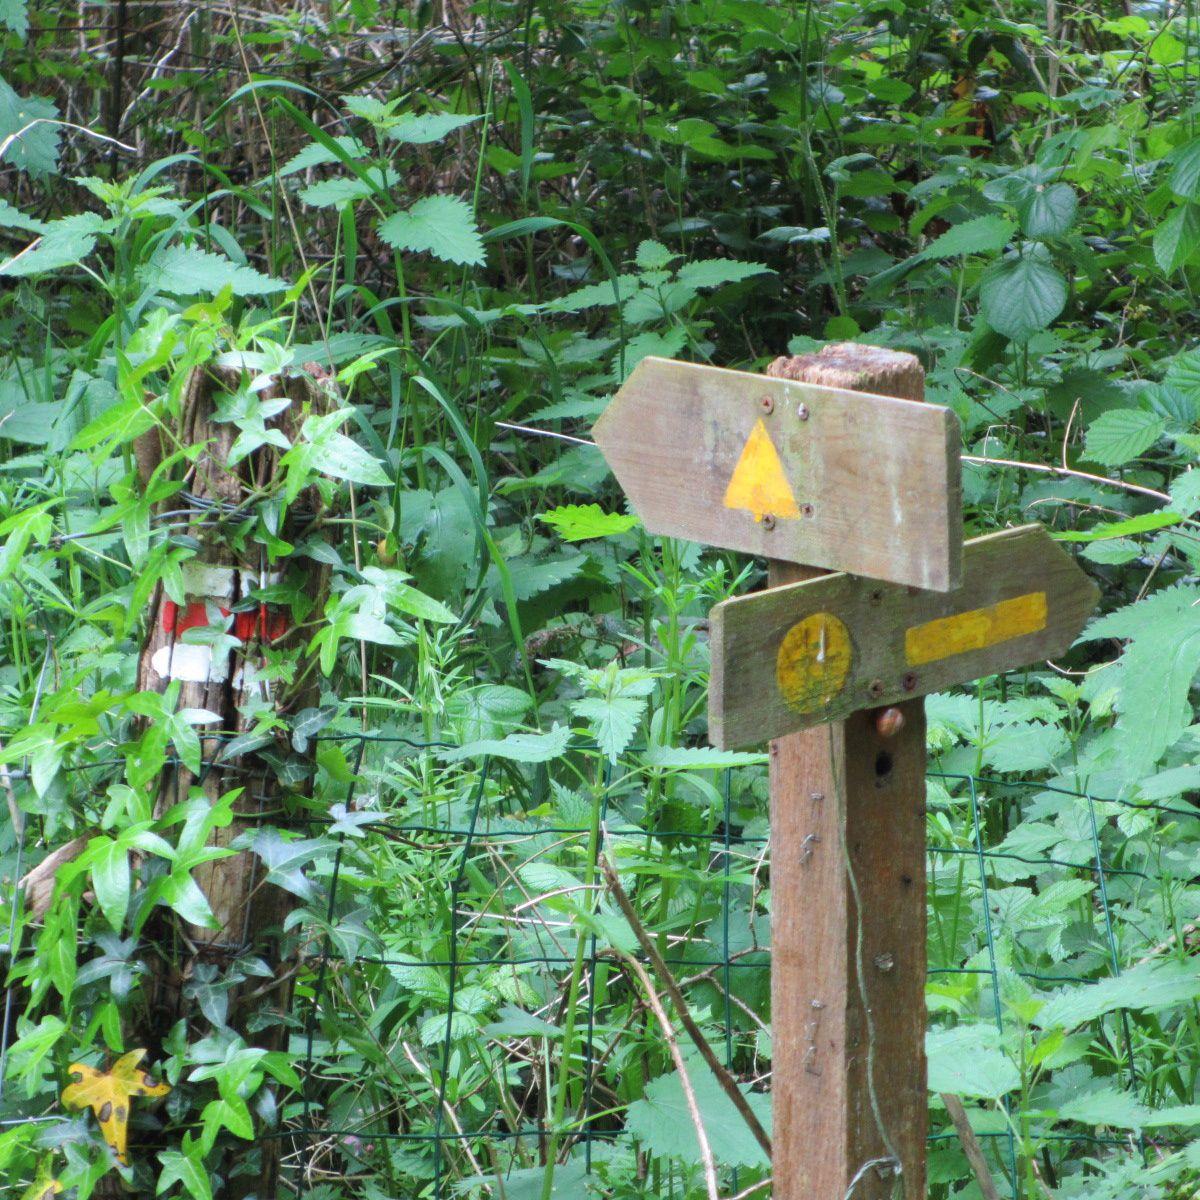 La signalétique y est confuse, hasardeuse et souvent cachée par la végétation sans indication écrite.